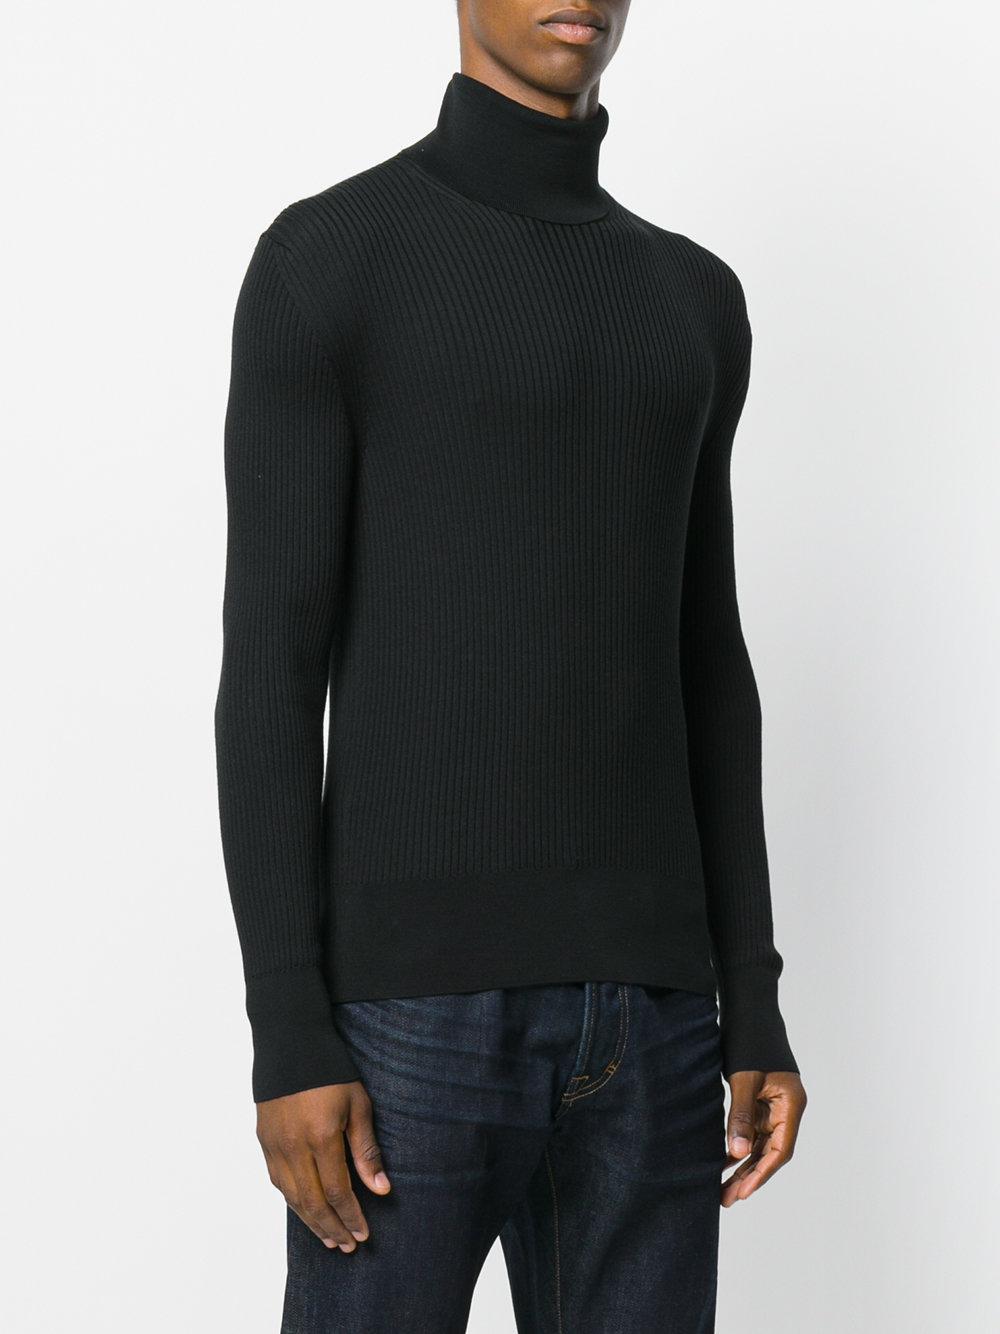 tom ford ribbed turtleneck jumper in black for men lyst. Black Bedroom Furniture Sets. Home Design Ideas